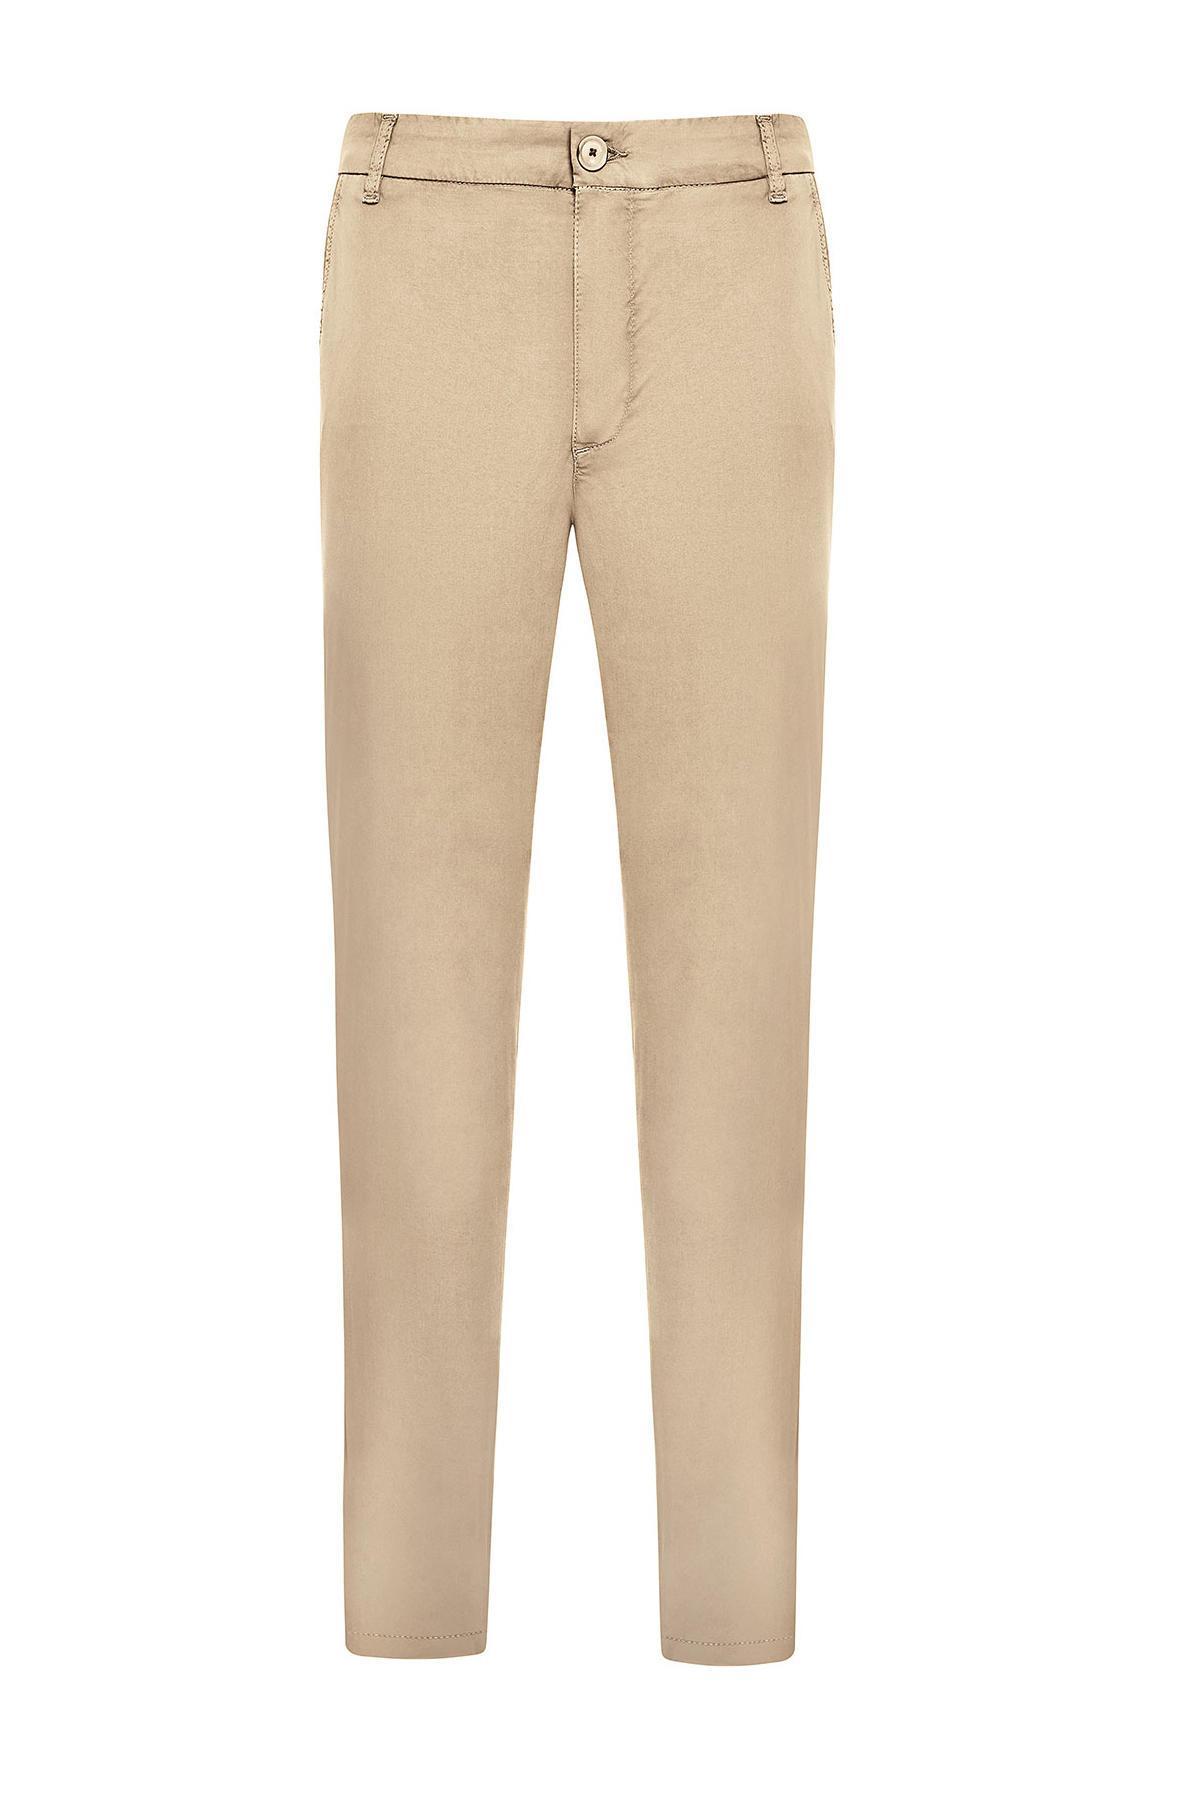 Kum Rengi Yazlık Chino Pantolon